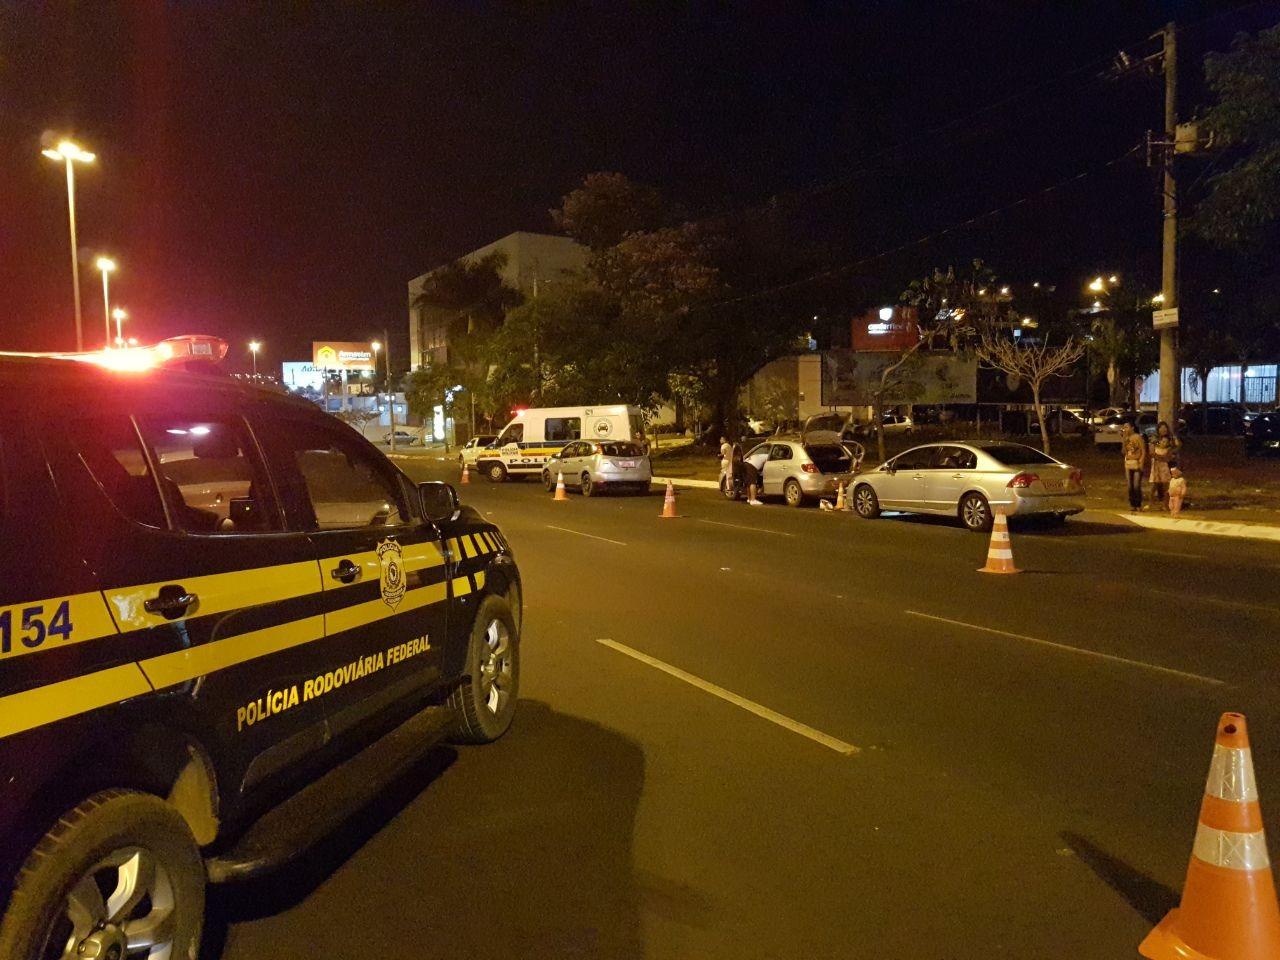 Polícia Militar realiza operação 'São Cristóvão' em Uberlândia com foco em condutores de veículos